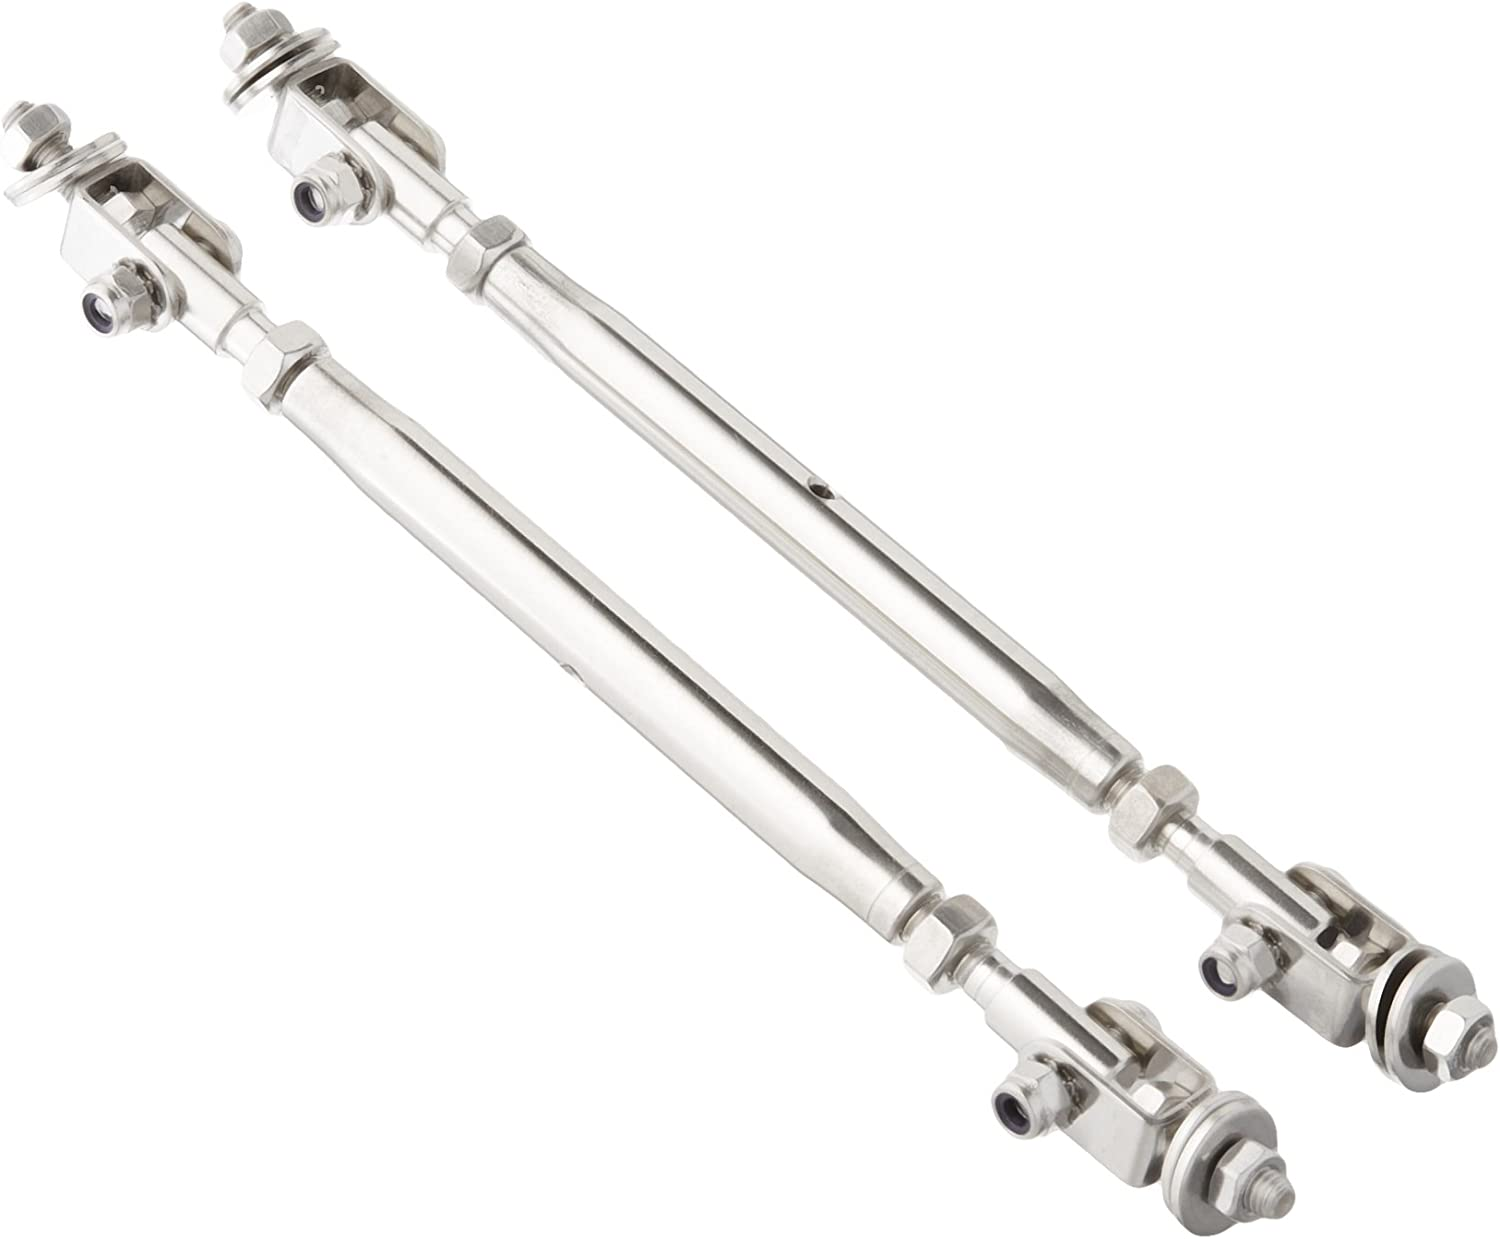 APR Performance AB-300018 New 10mm Wind Splitter Support Rod longer Length